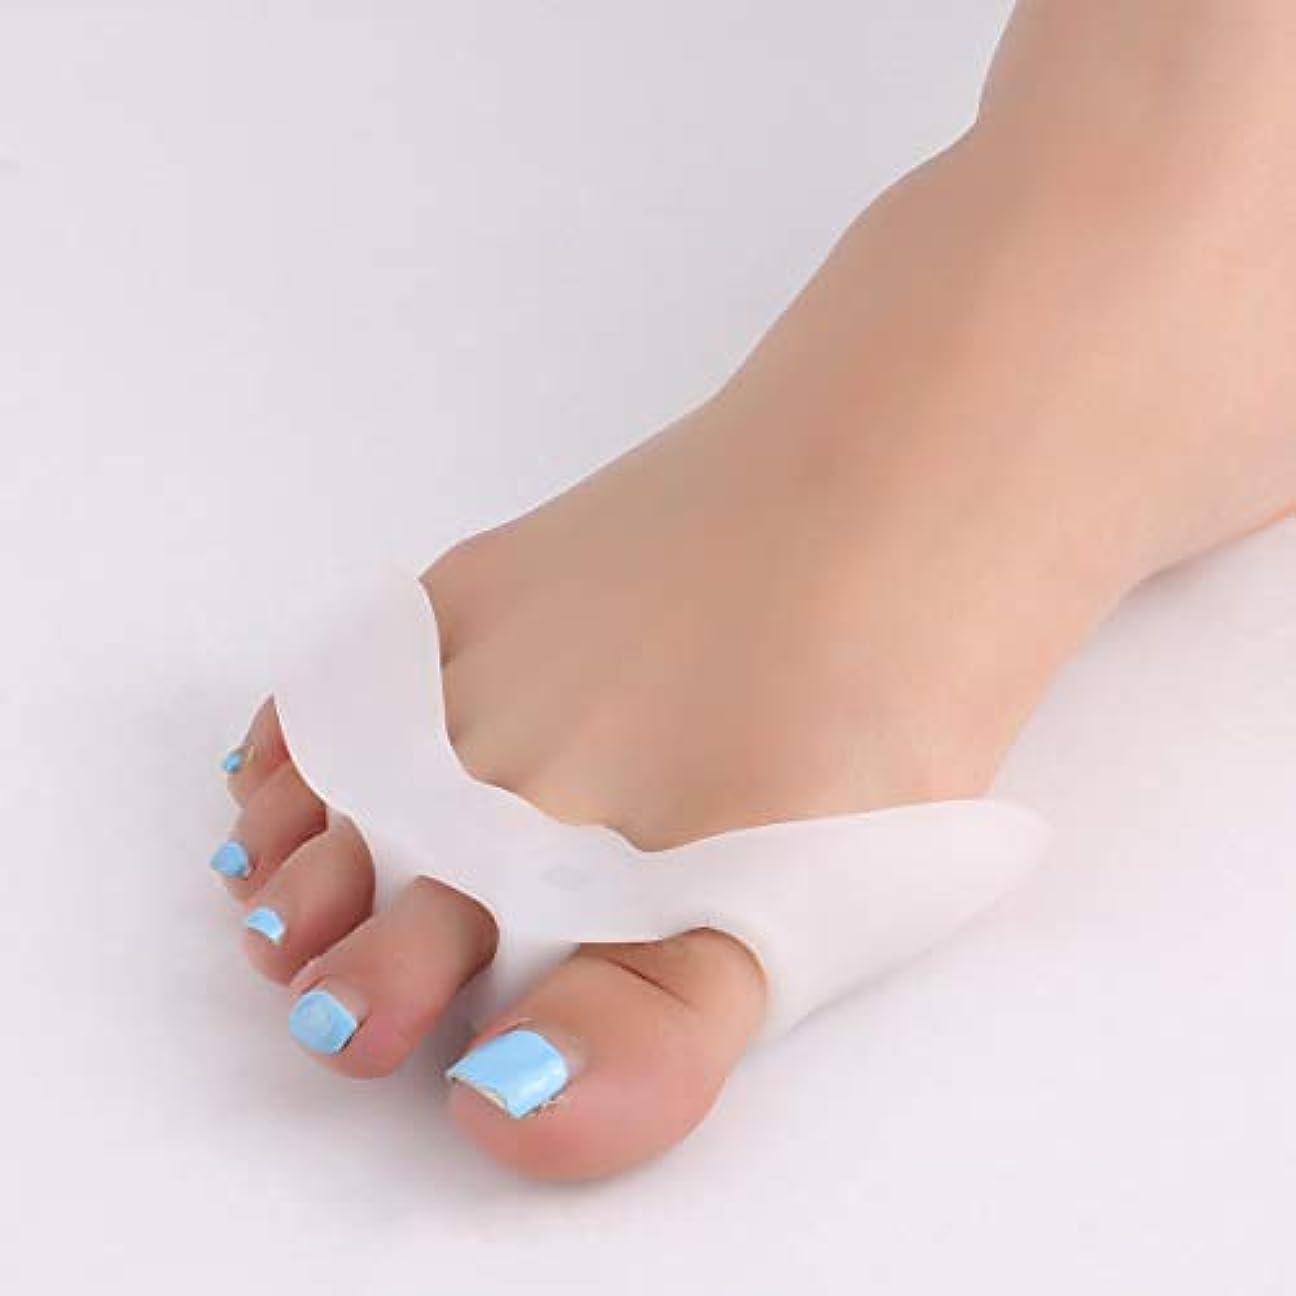 資源必要条件亜熱帯1 Pair Silicone Toe Separator with 5 Holes Feet Care Braces Supports Tools Bunion Guard Foot Hallux Valgus